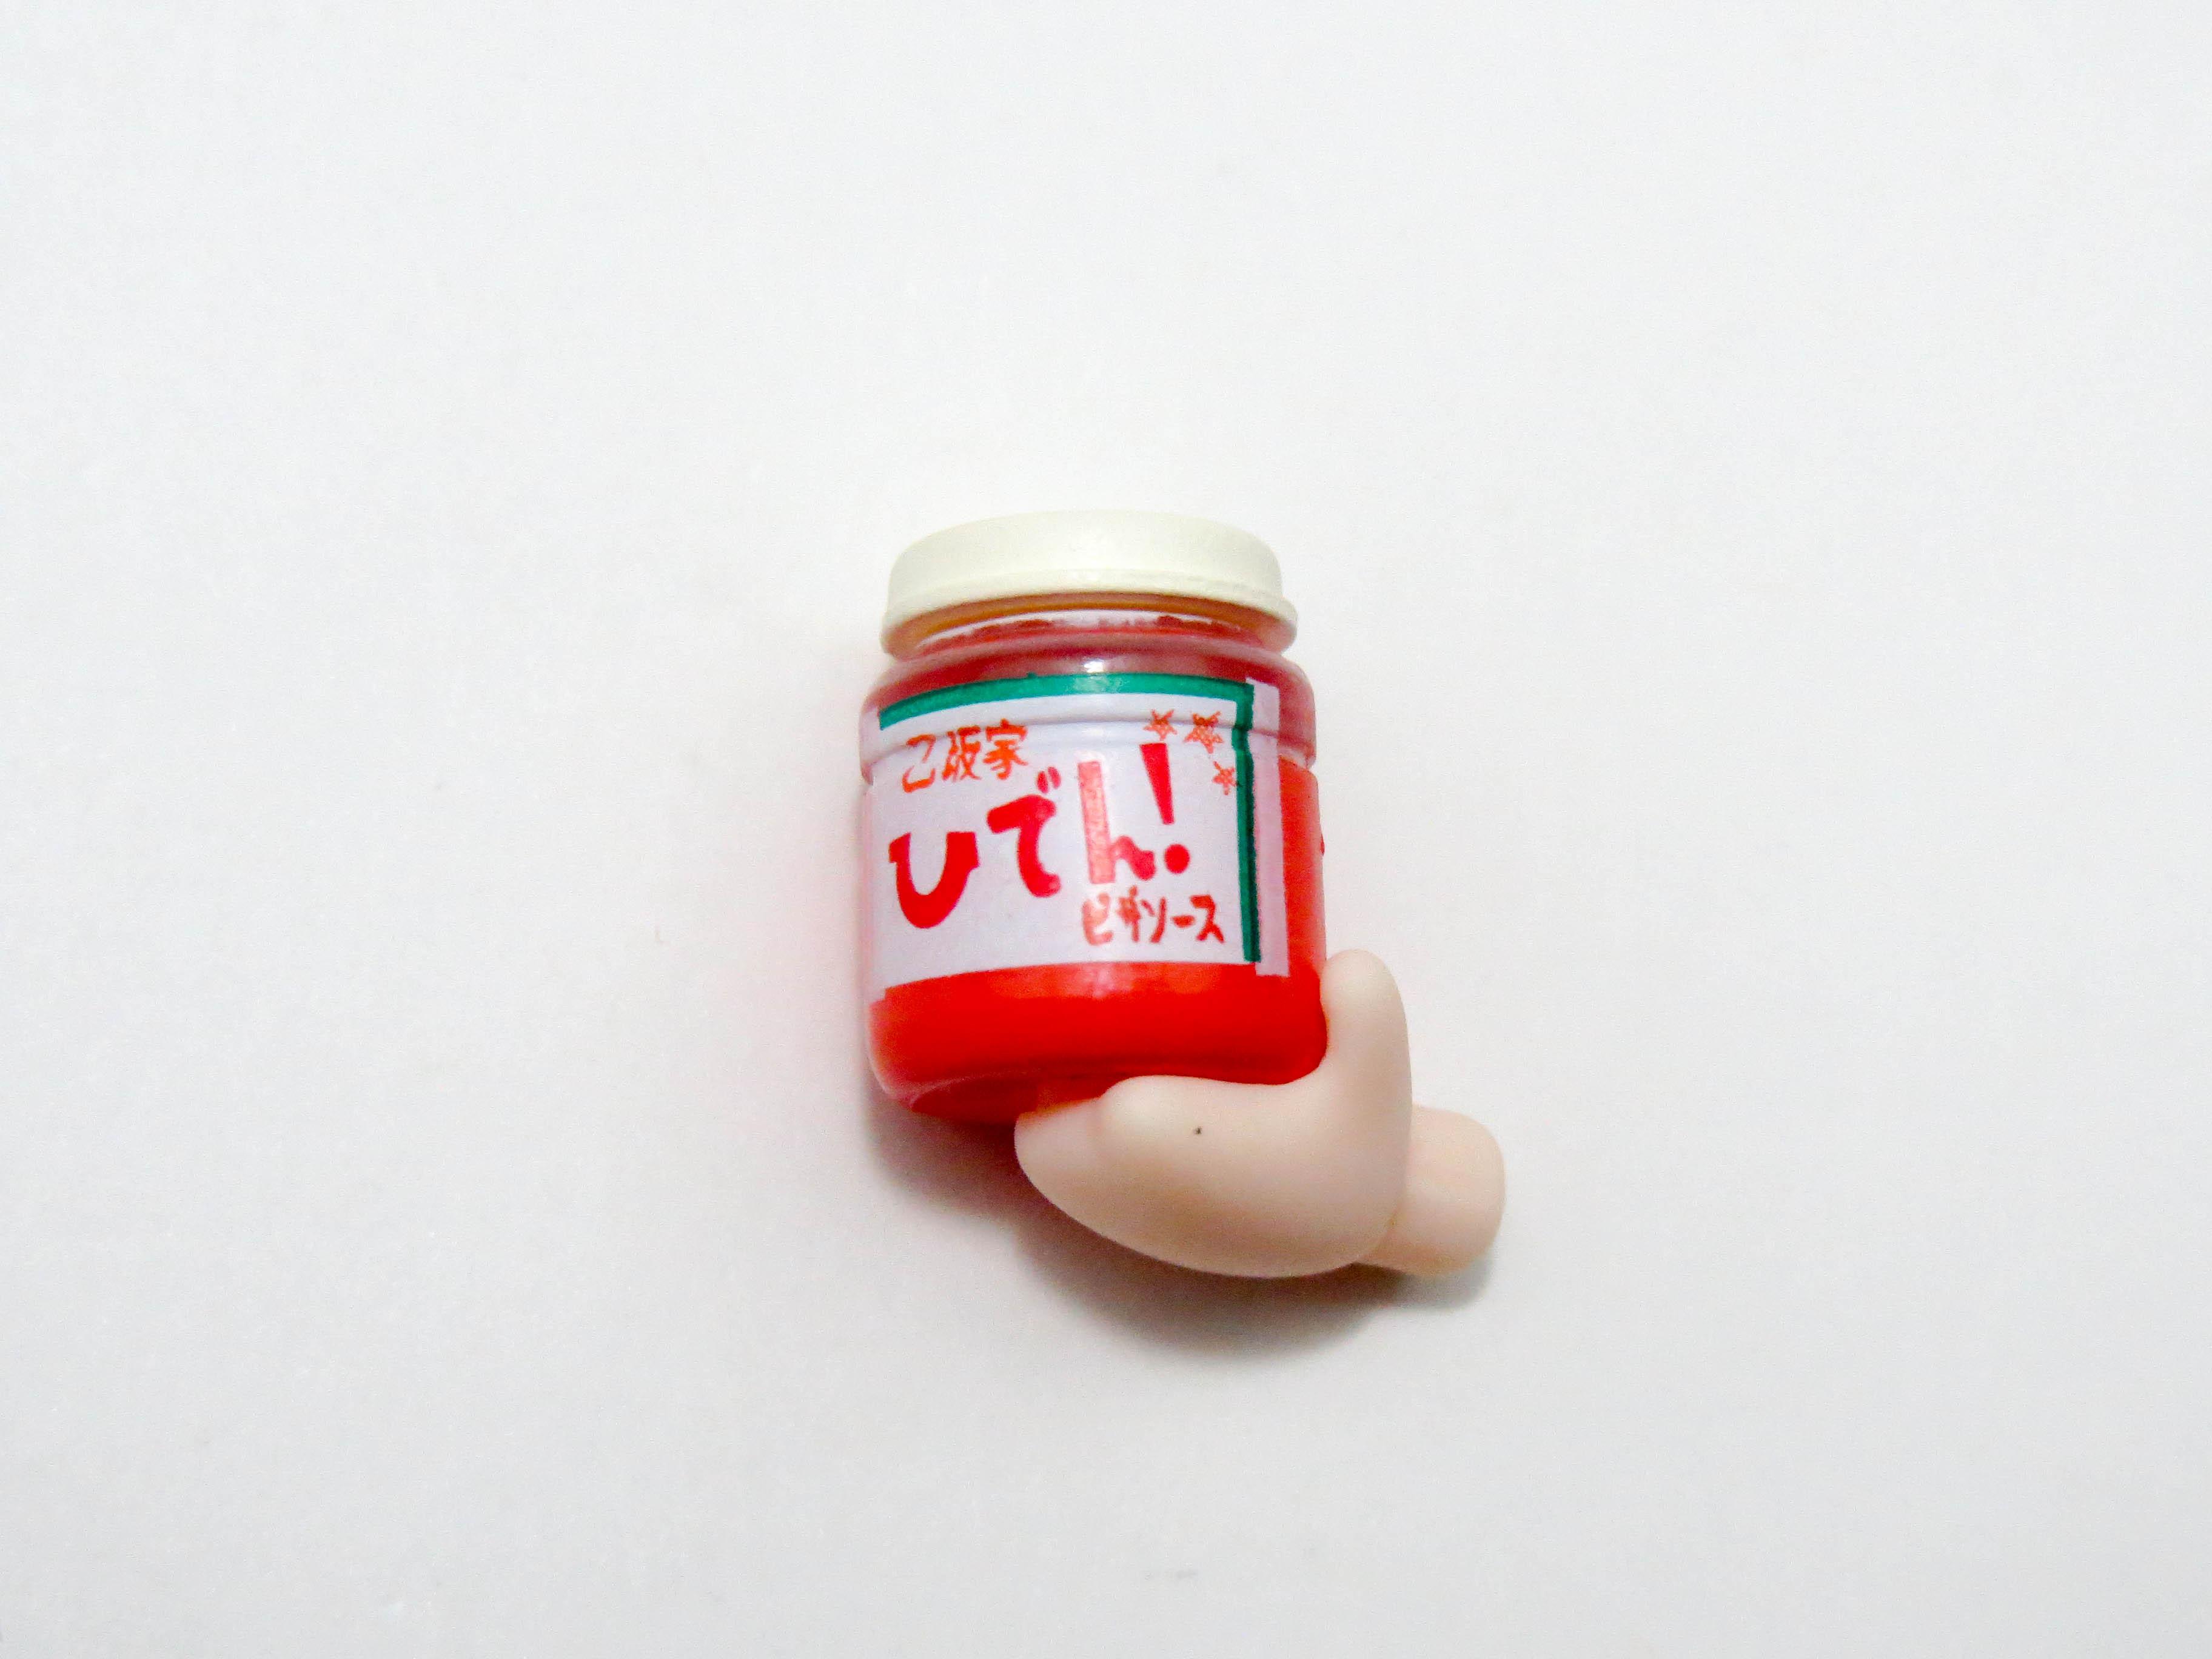 【596】 乙坂歩未 小物パーツ 乙坂家秘伝ピザソース ねんどろいど